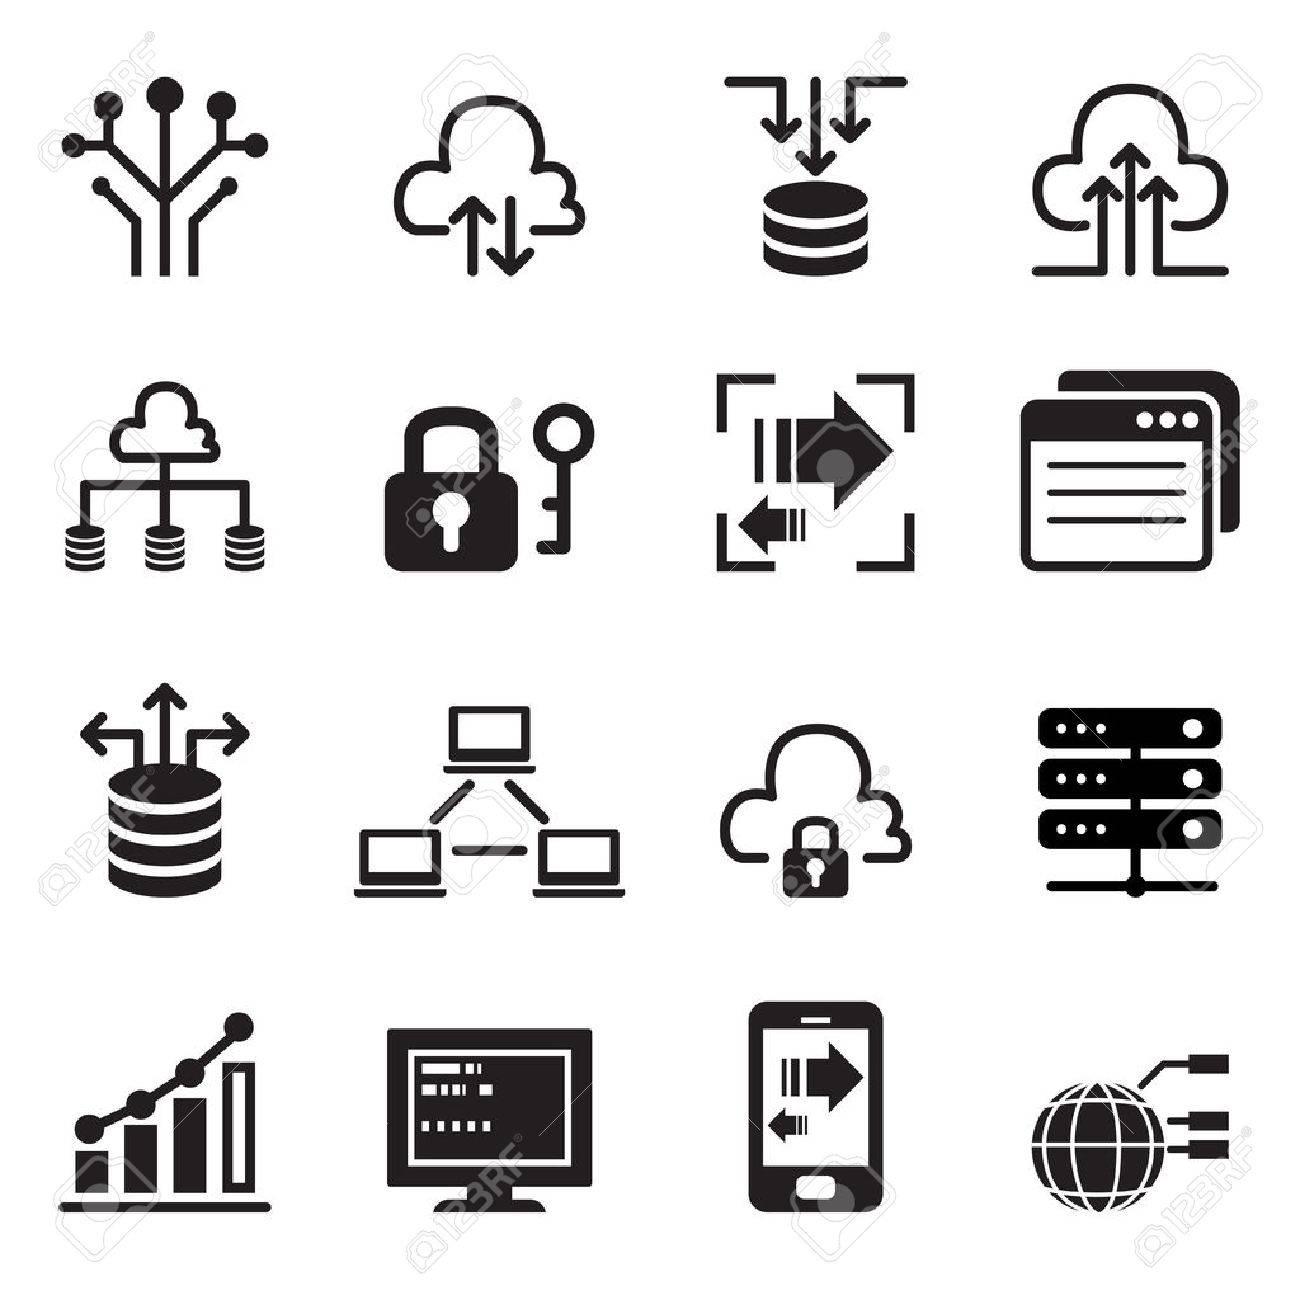 Data Technology icons set - 52044047